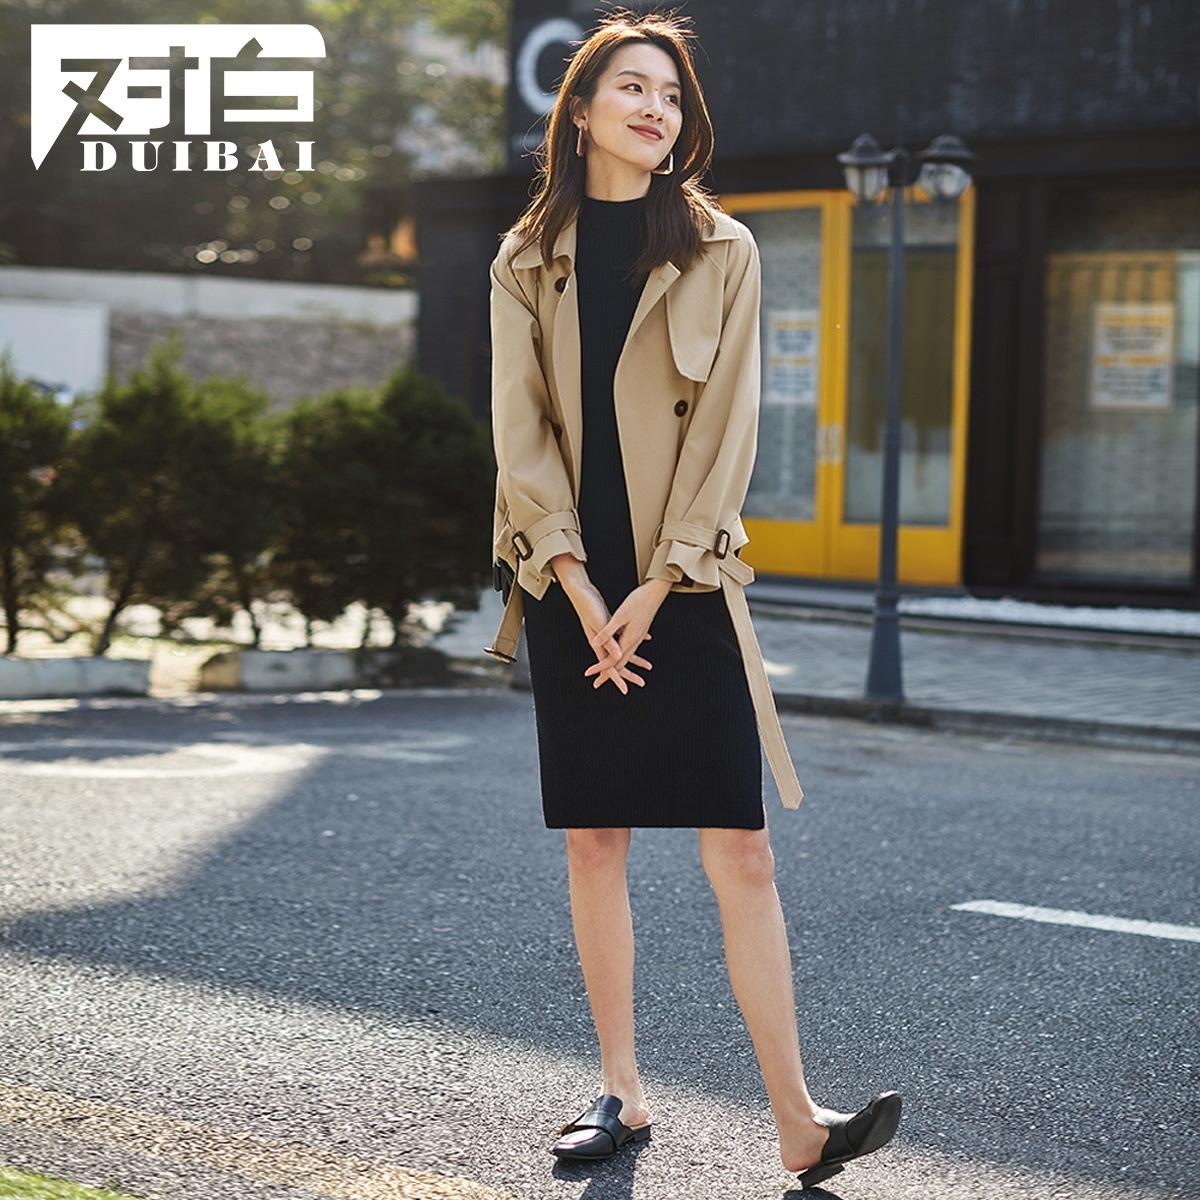 对白2020秋装新款时尚韩版通勤宽松上衣女双排扣休闲外套短款风衣